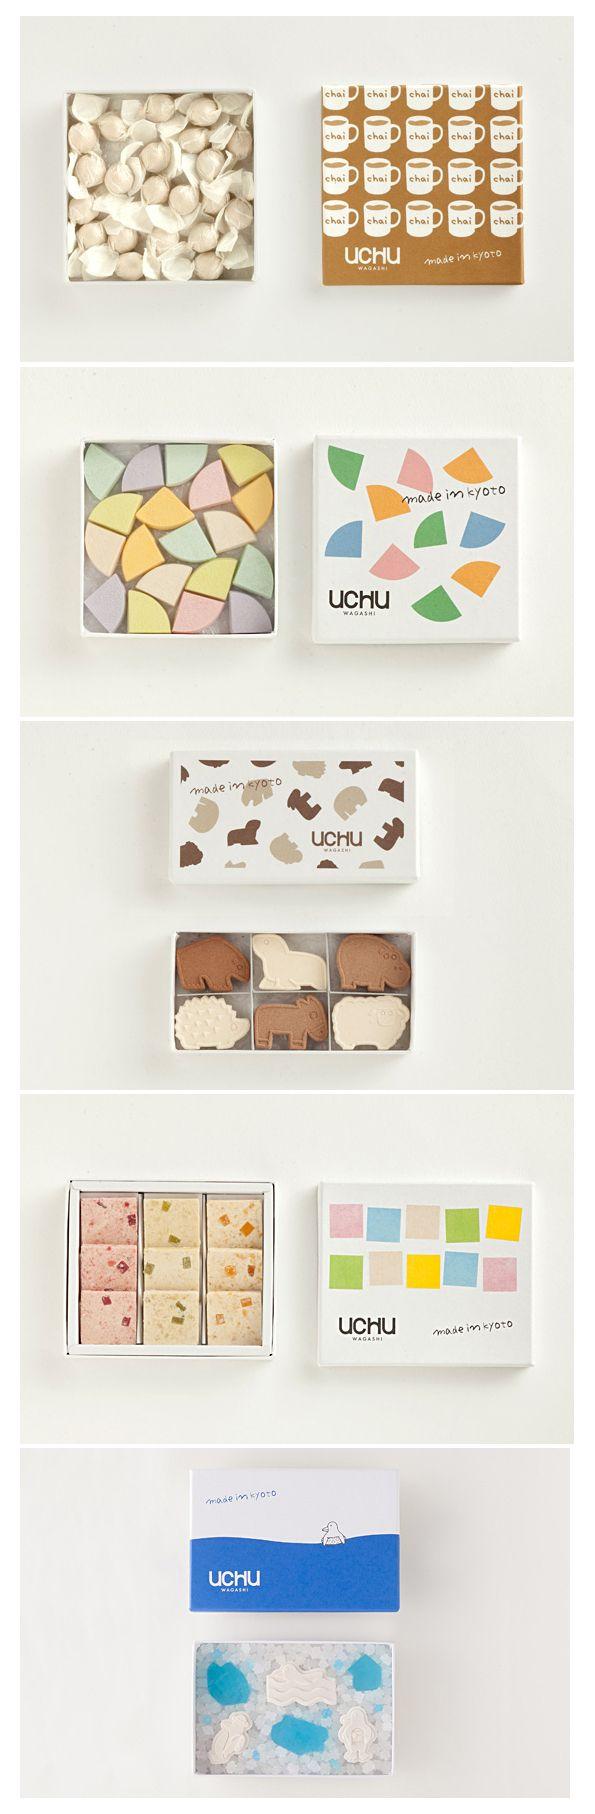 More UCHU wagashi yummy eats packaging Adriana PD